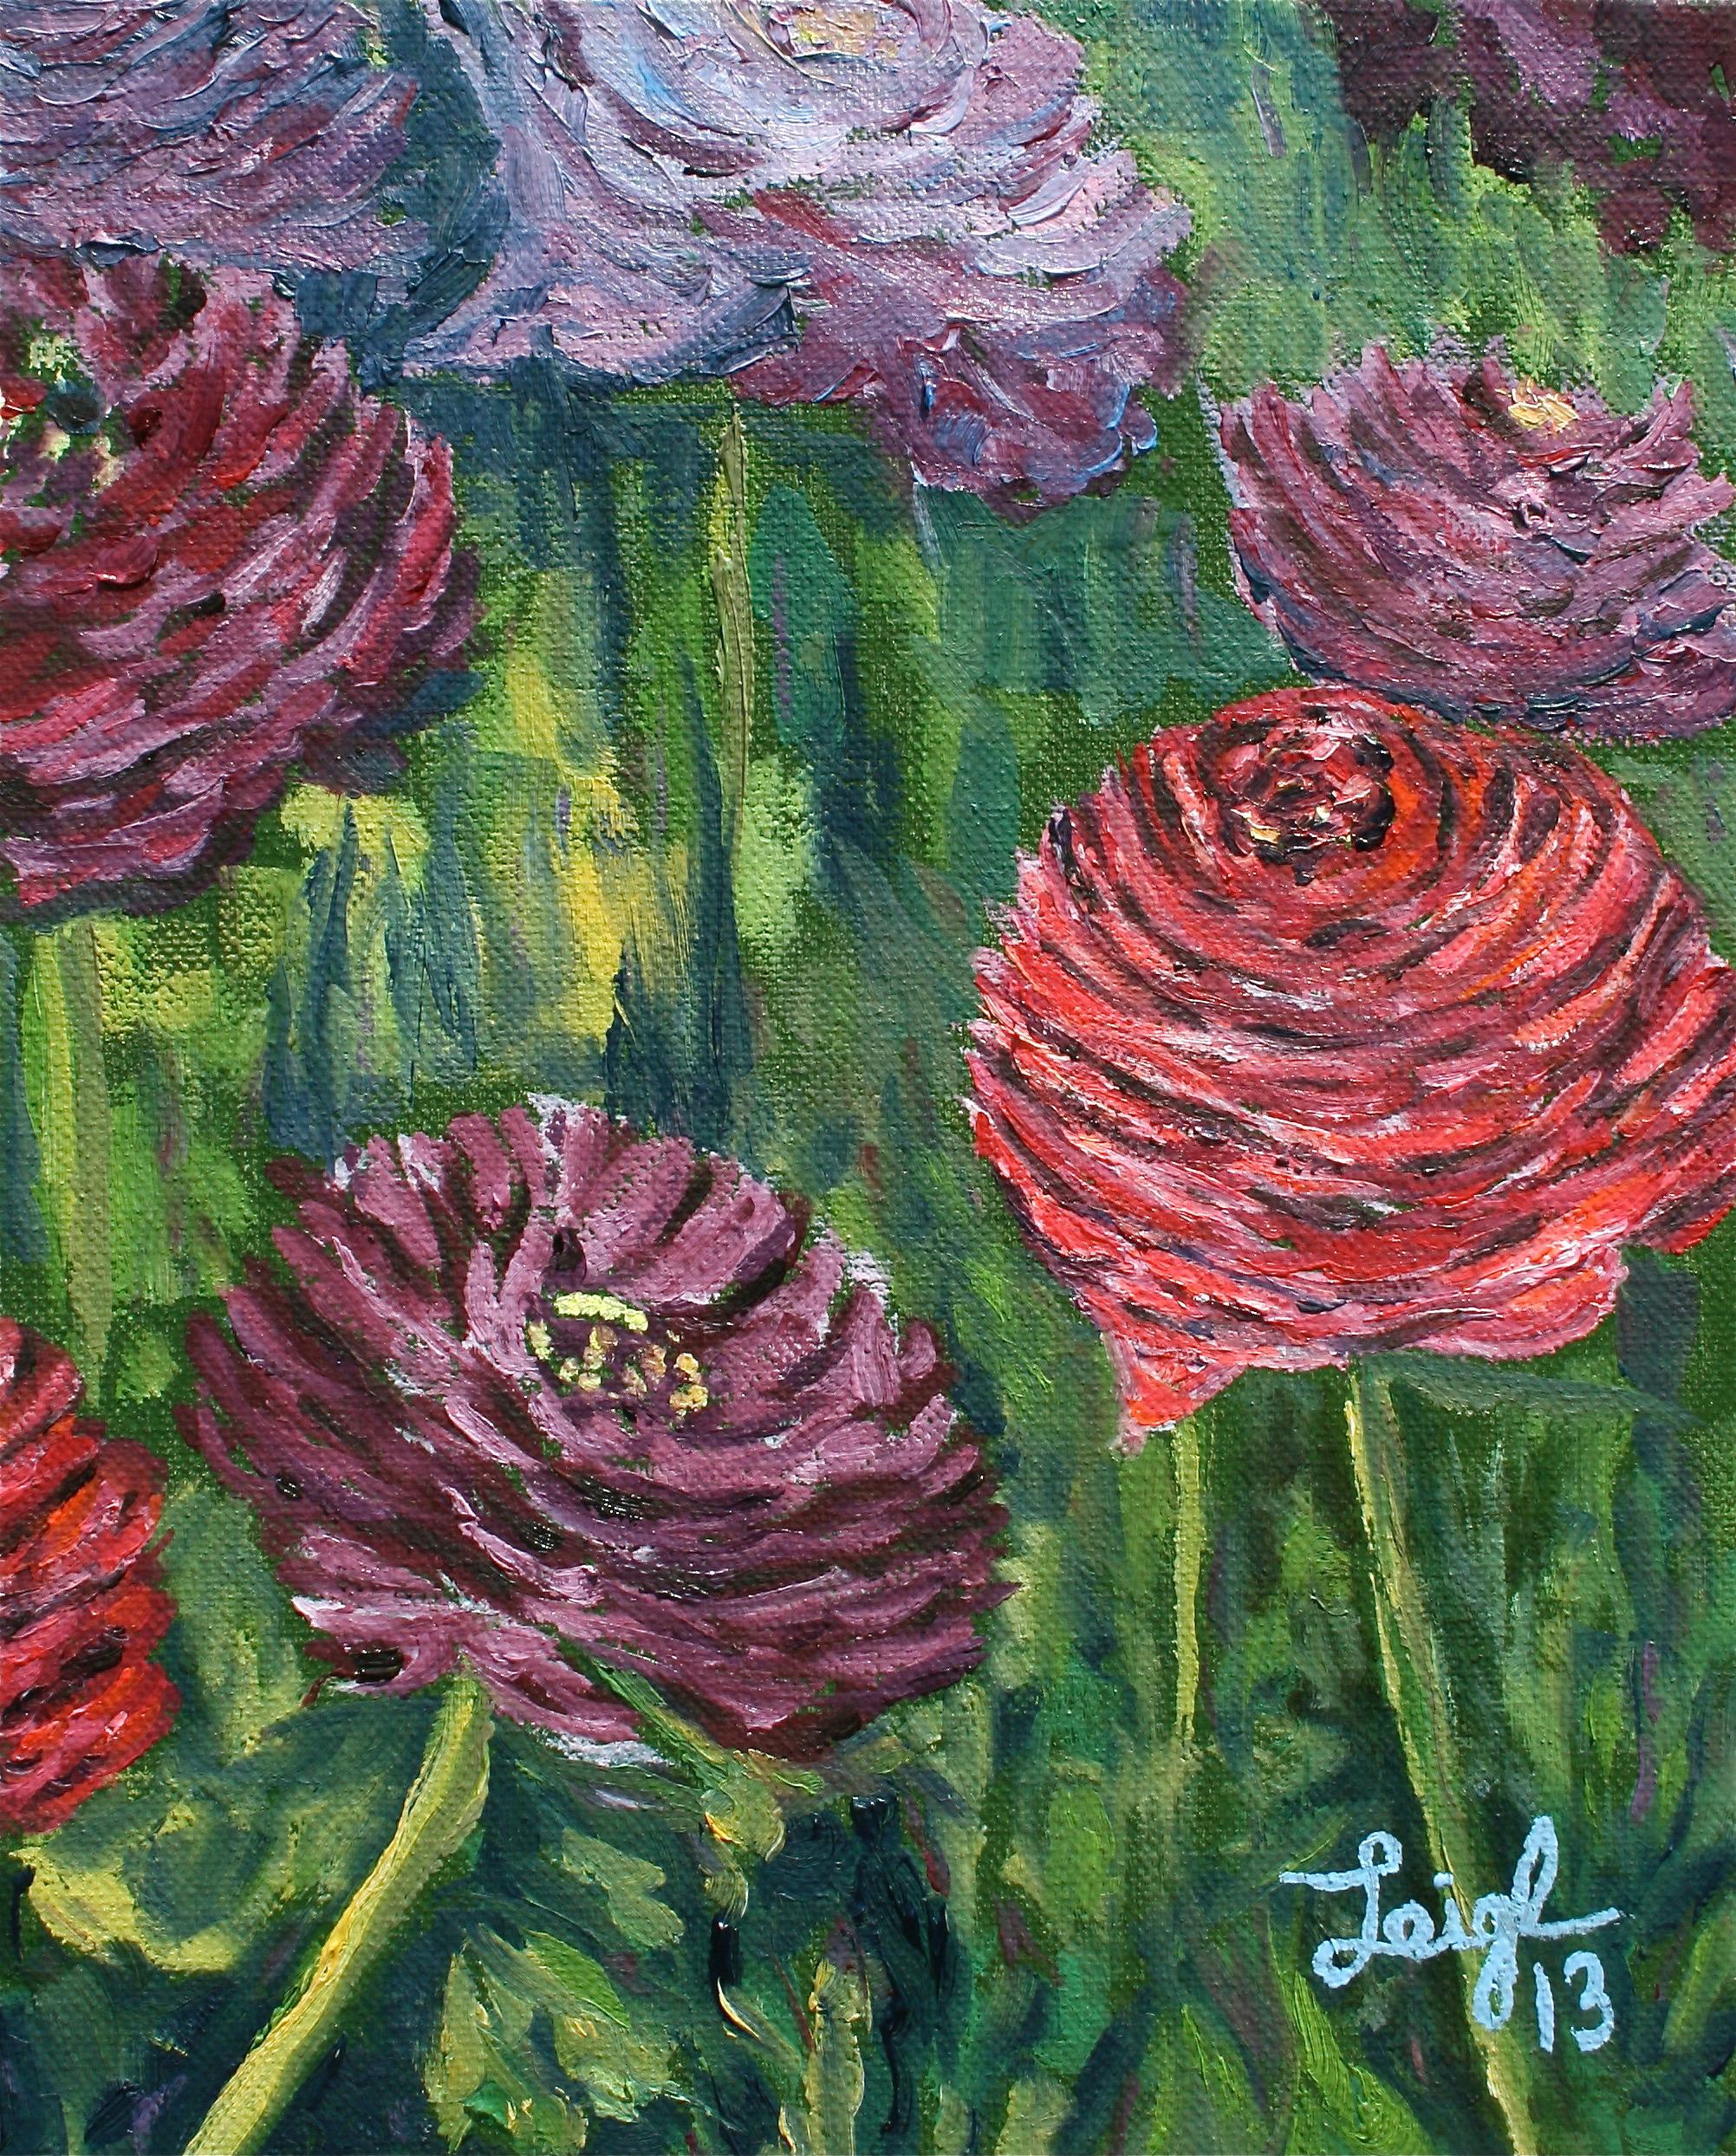 Carlsbad Flower Fields #4  ~   Barbara Waldeck, Los Altos Hills, CA 2013 • 8 x 10